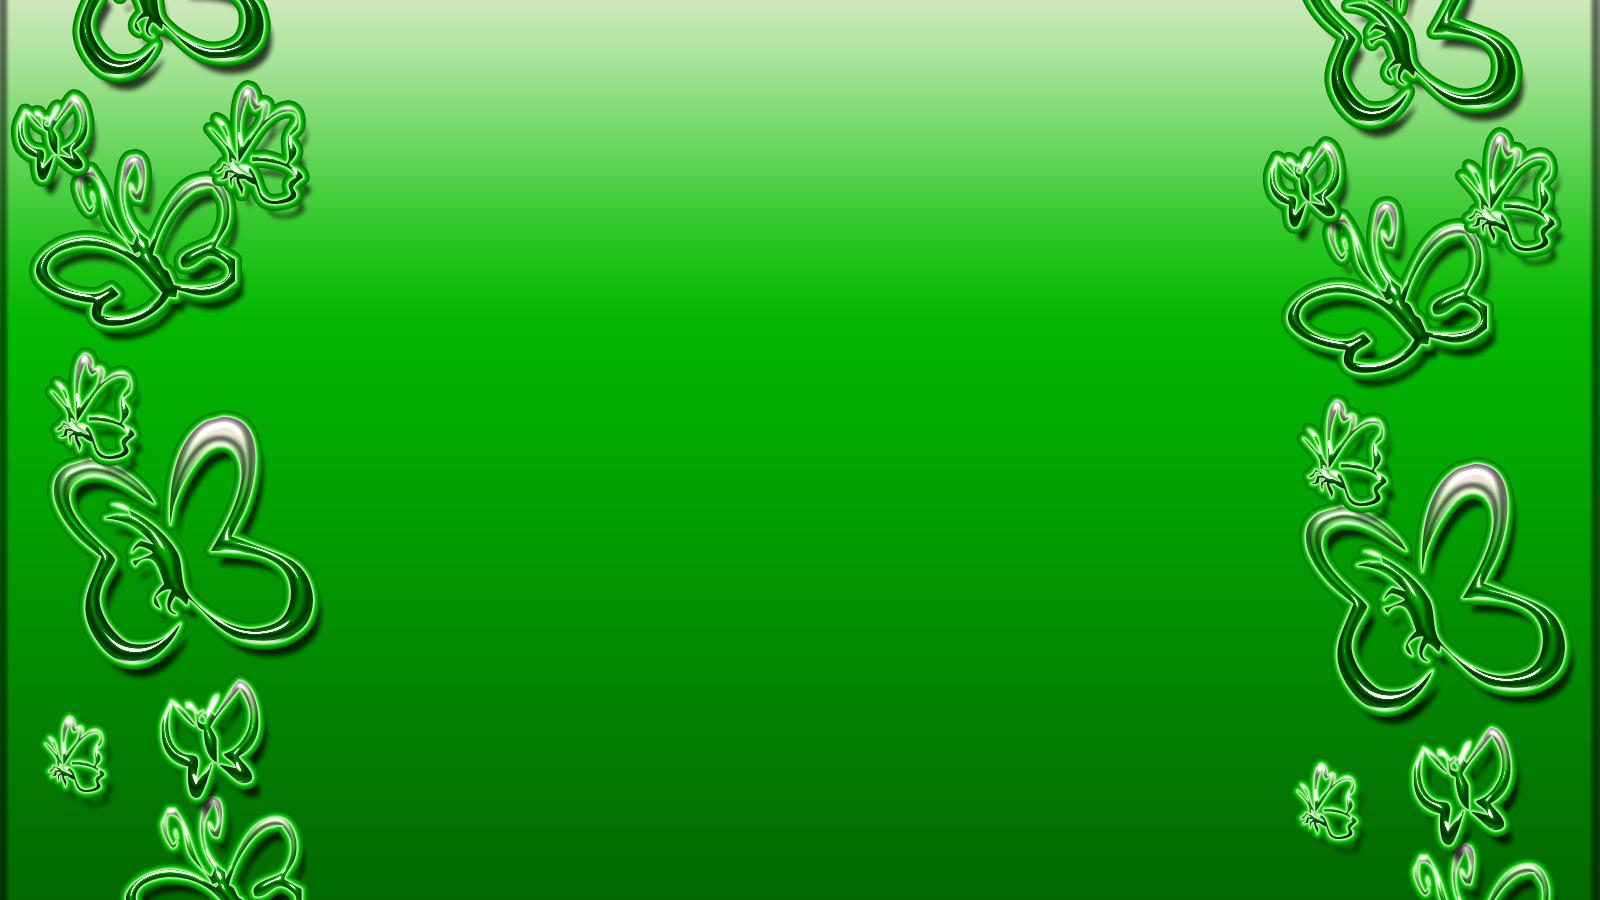 Открытка с зеленым фоном